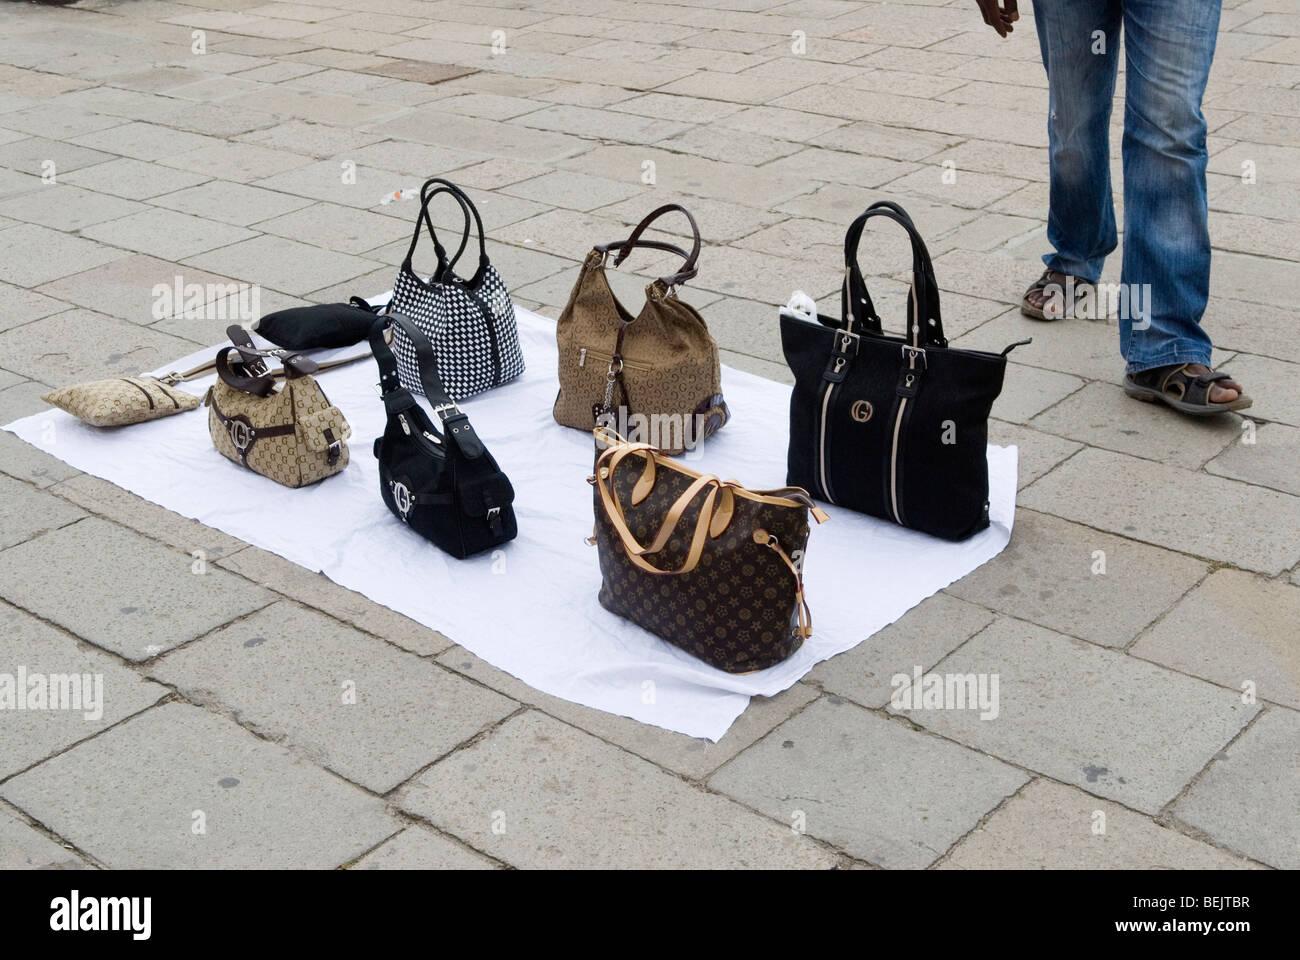 ae4f33b4bca Faux sacs à main designer pour la vente. Italie Venise HOMER SYKES Photo  Stock